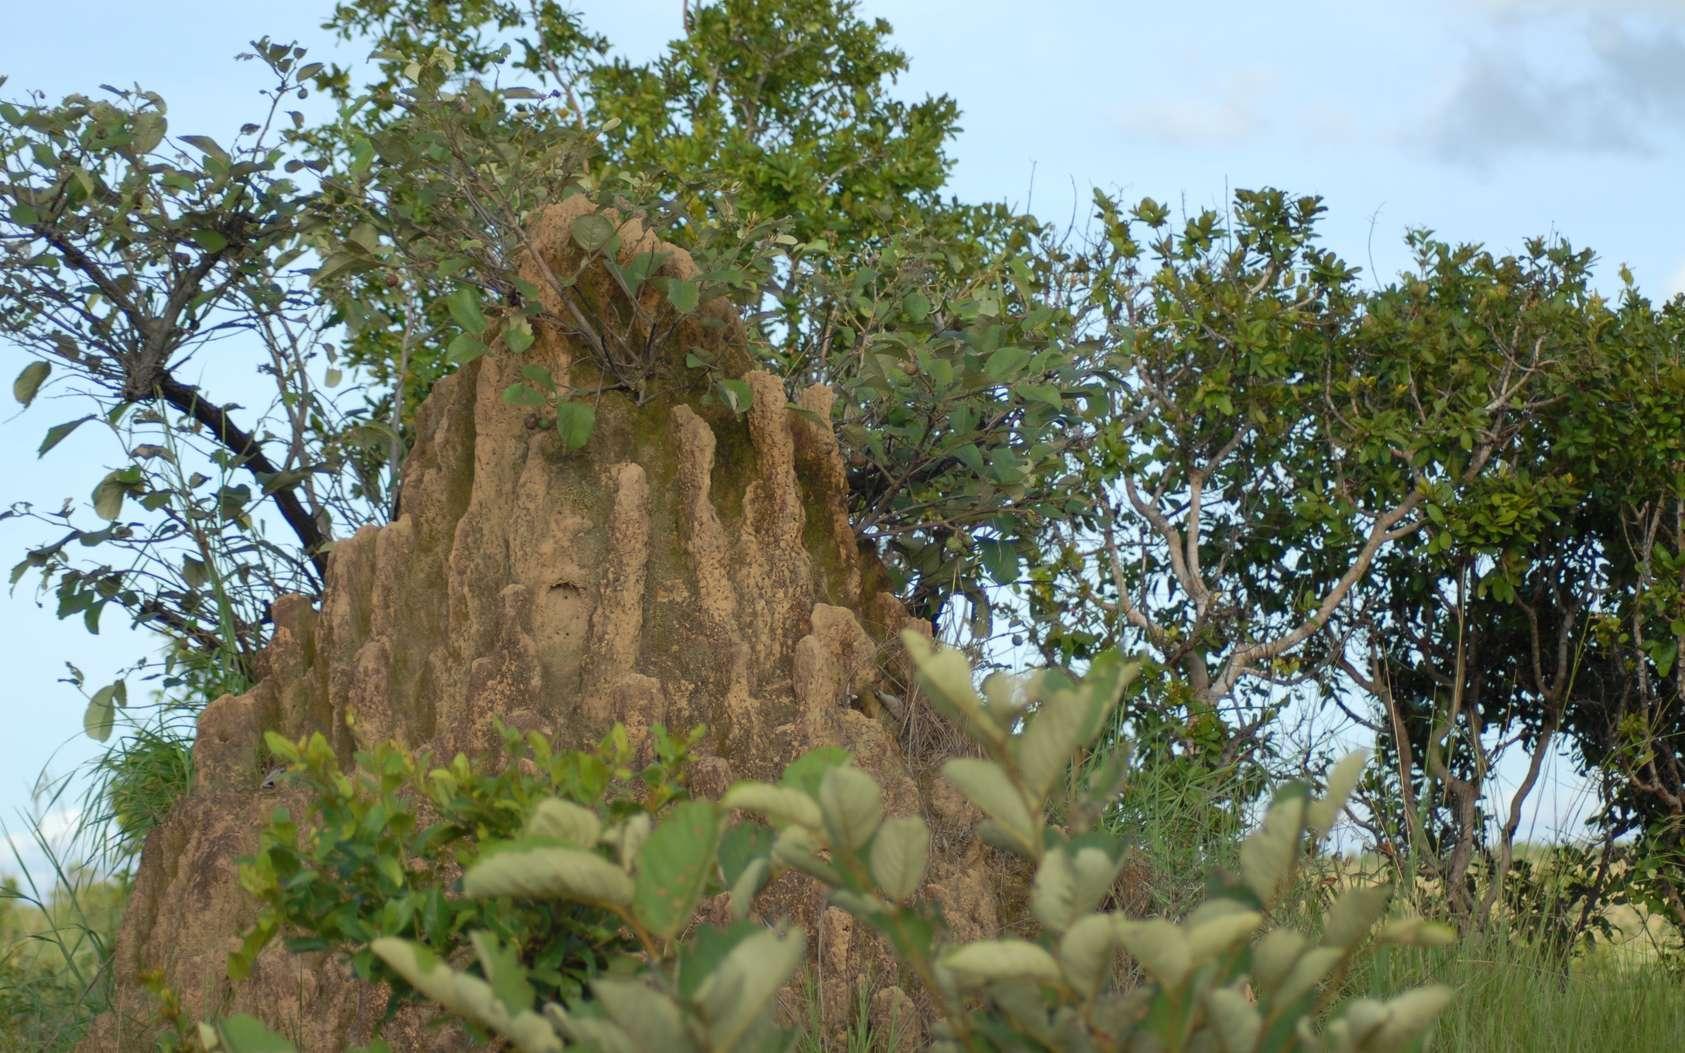 Les termitières sont des édifices impressionnants. Découvrez leurs secrets. © marie1986laure, Fotolia